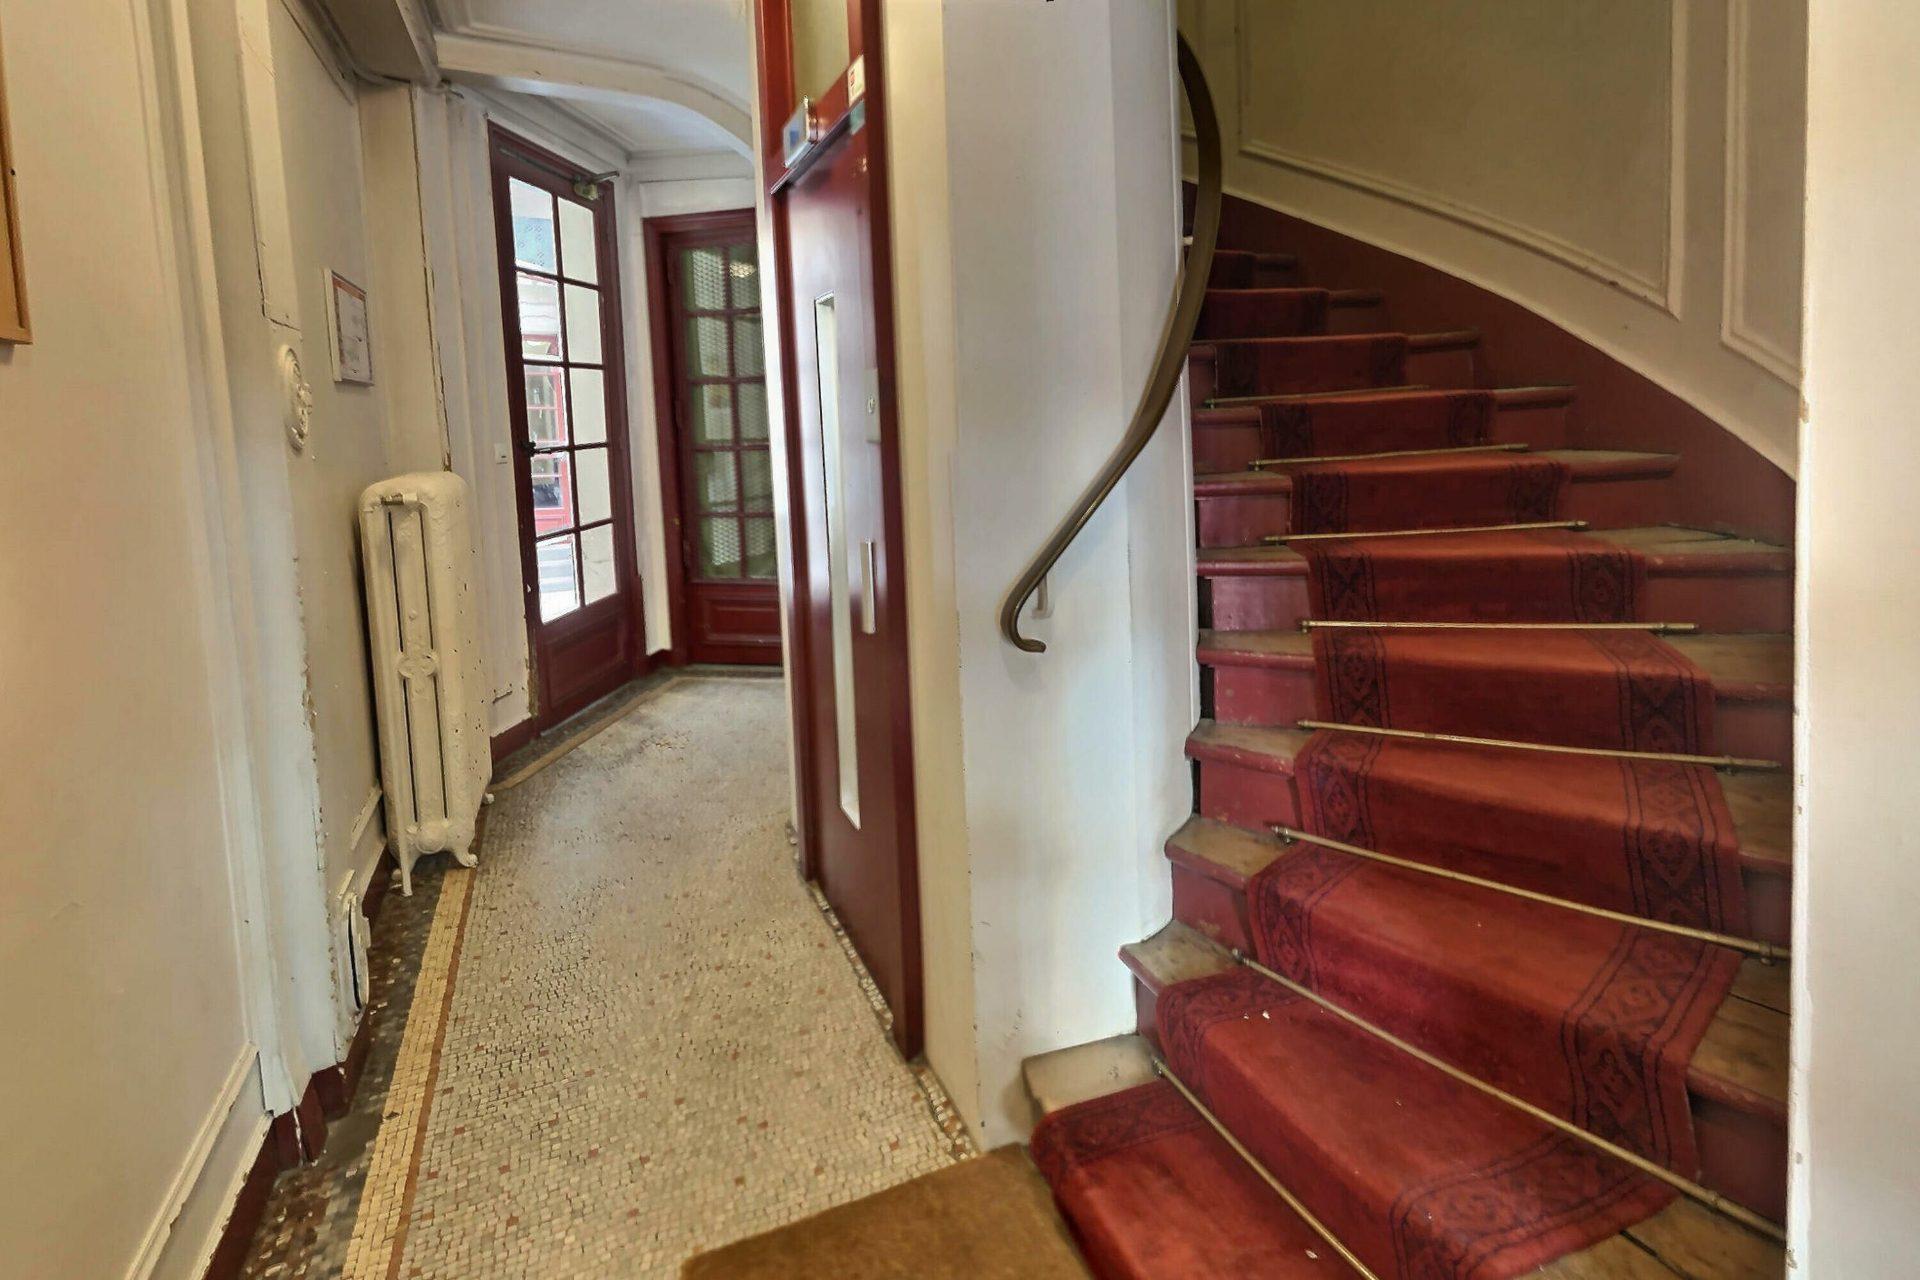 Chambre avec ascenseur rue Damrémont 8